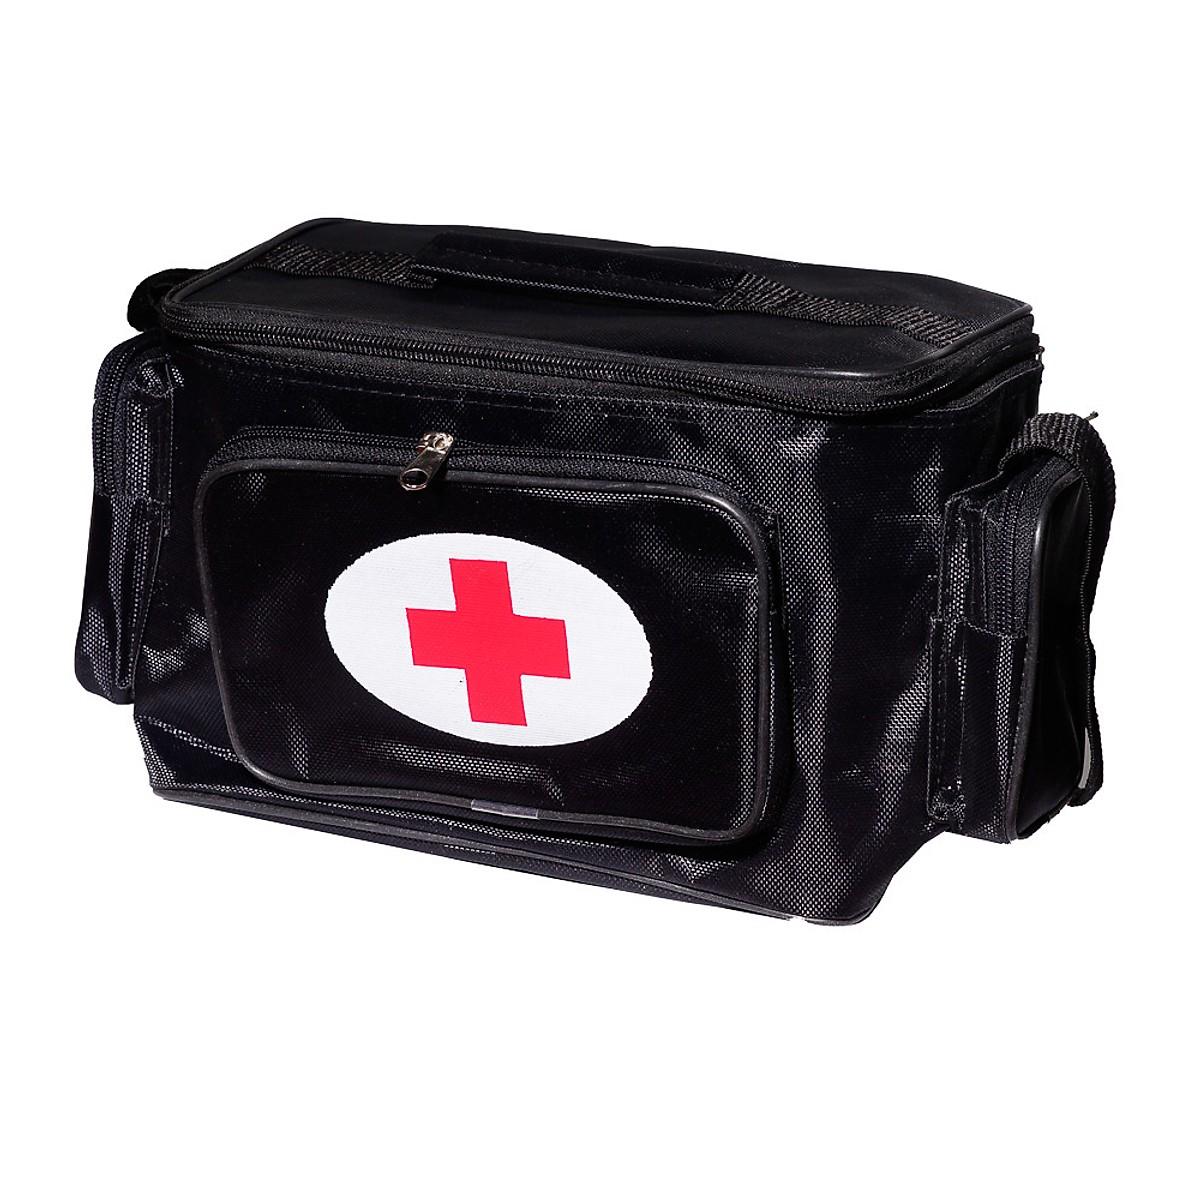 Túi y tế đen size S